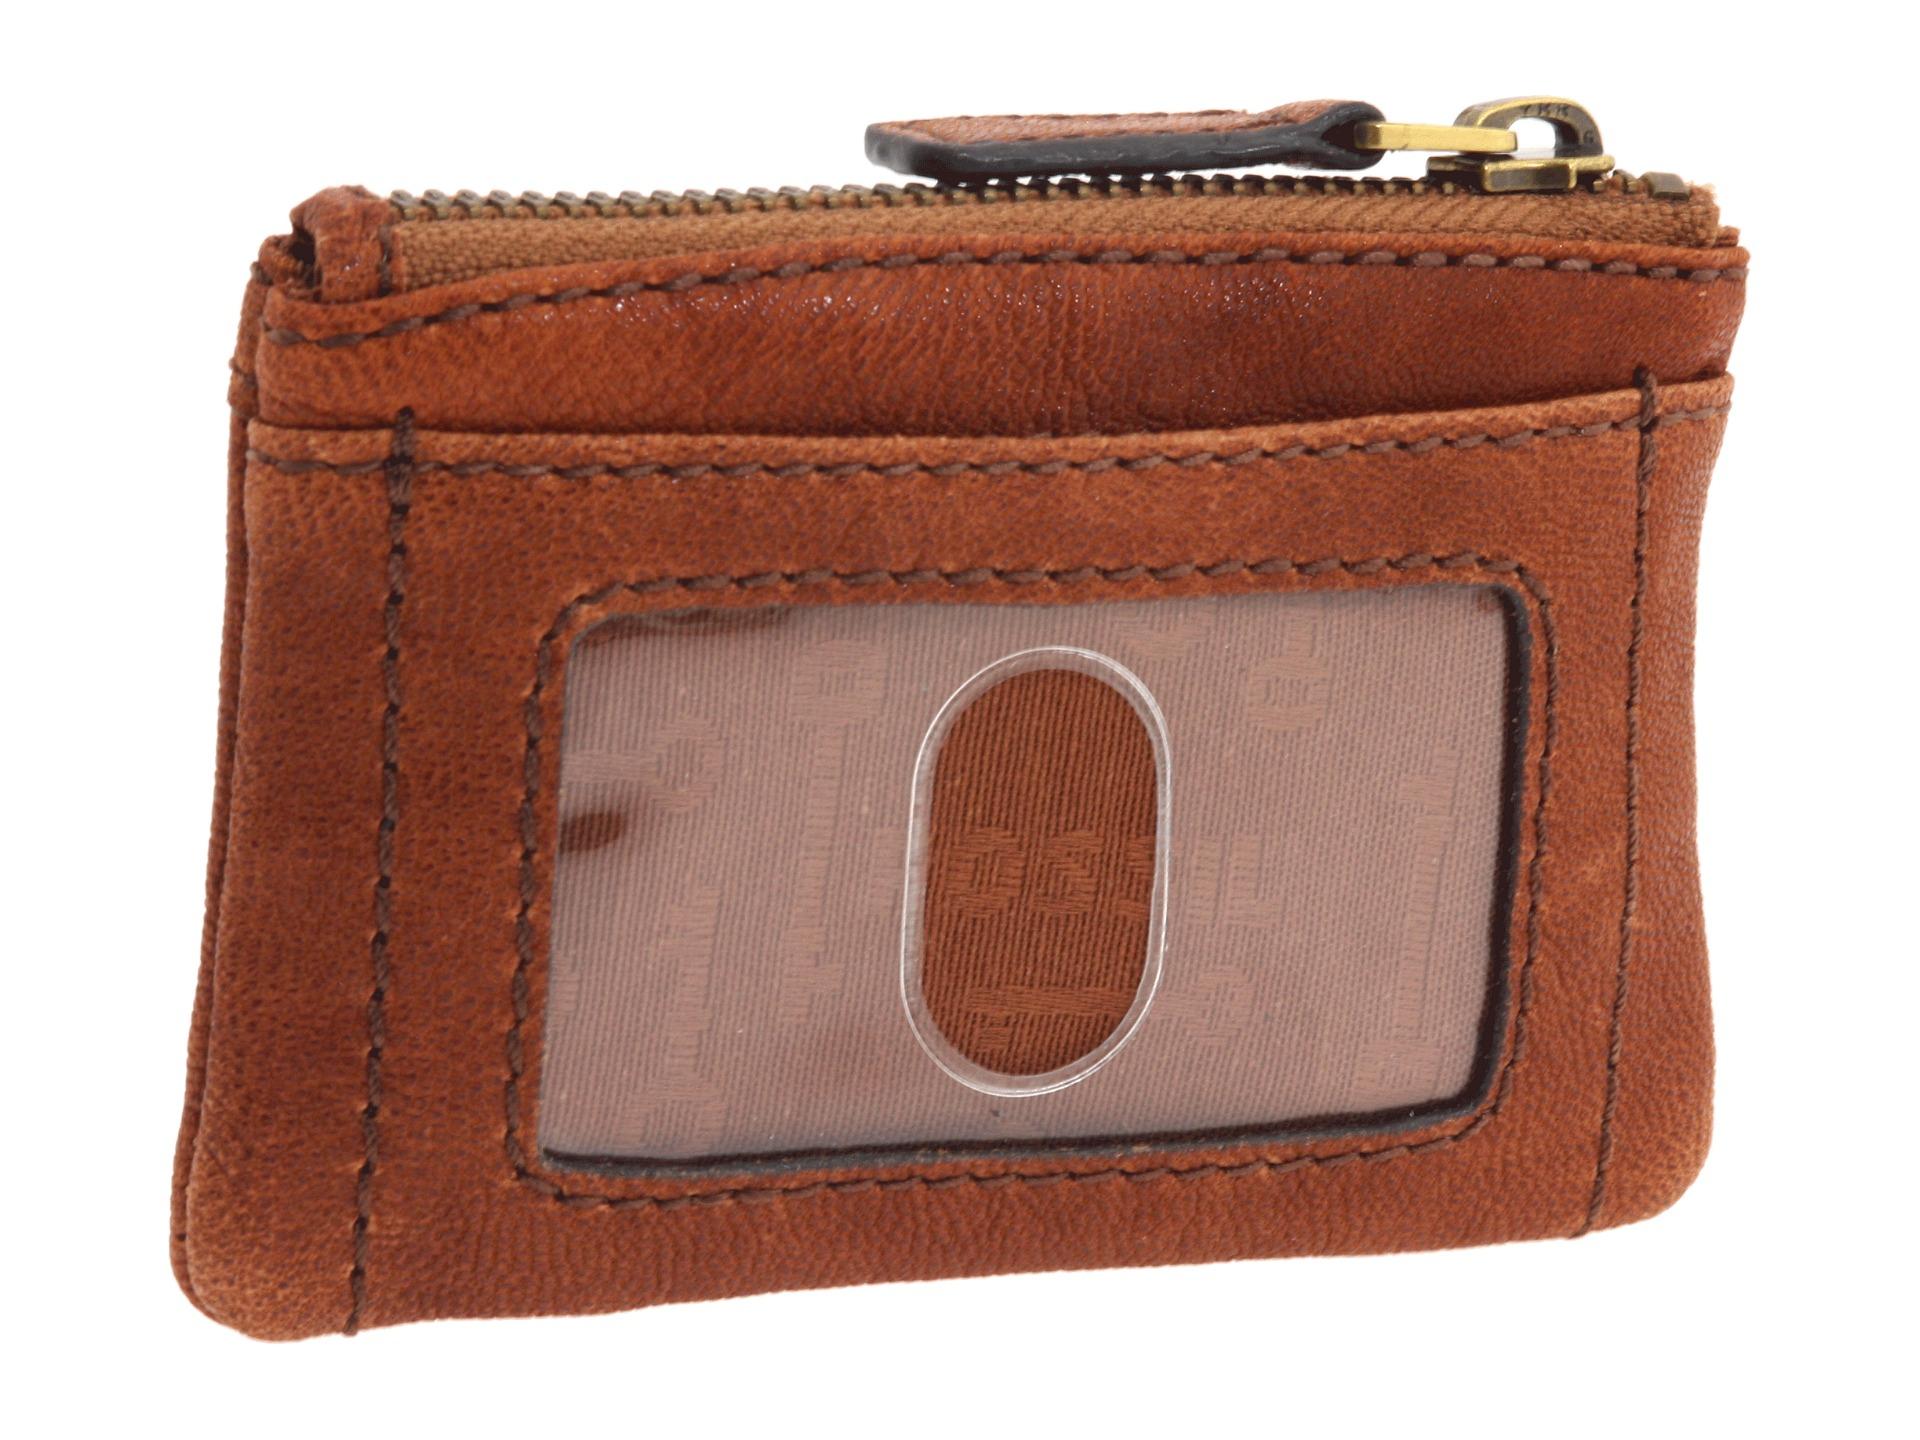 Fossil Sydney Tab Clutch Brown Sl 6697b200 Daftar Harga Terkini Dawson Multifunction Black 6675001 Dompet Emory Coin Zip In Lyst